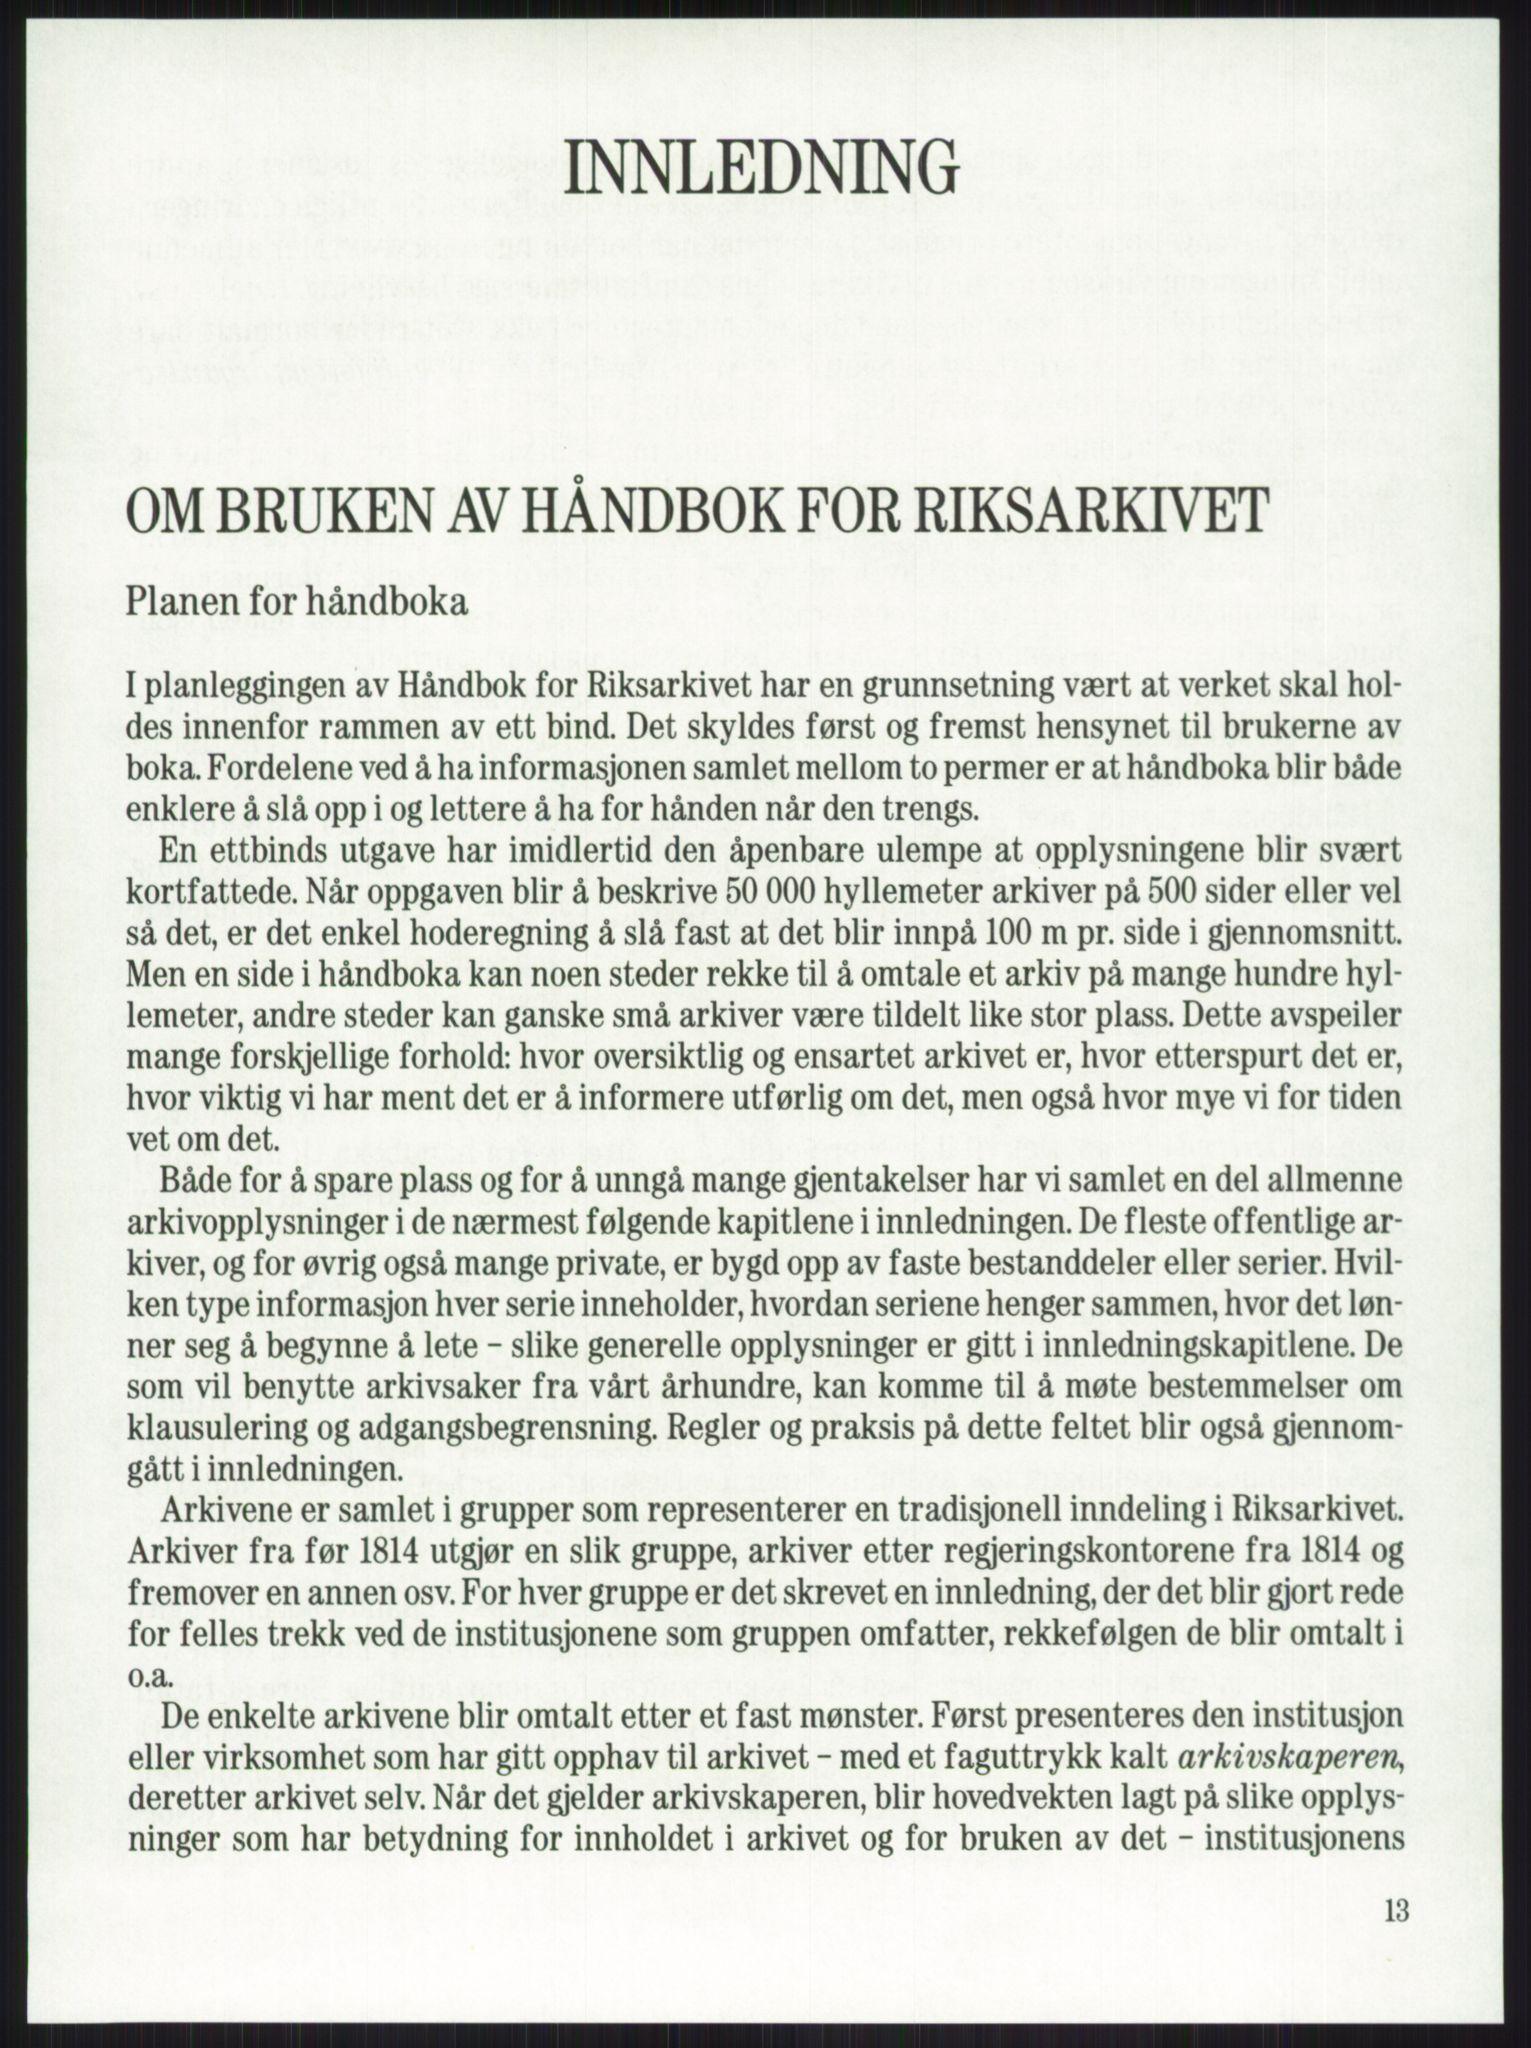 RA, Publikasjoner*, 1974-1977, s. 13